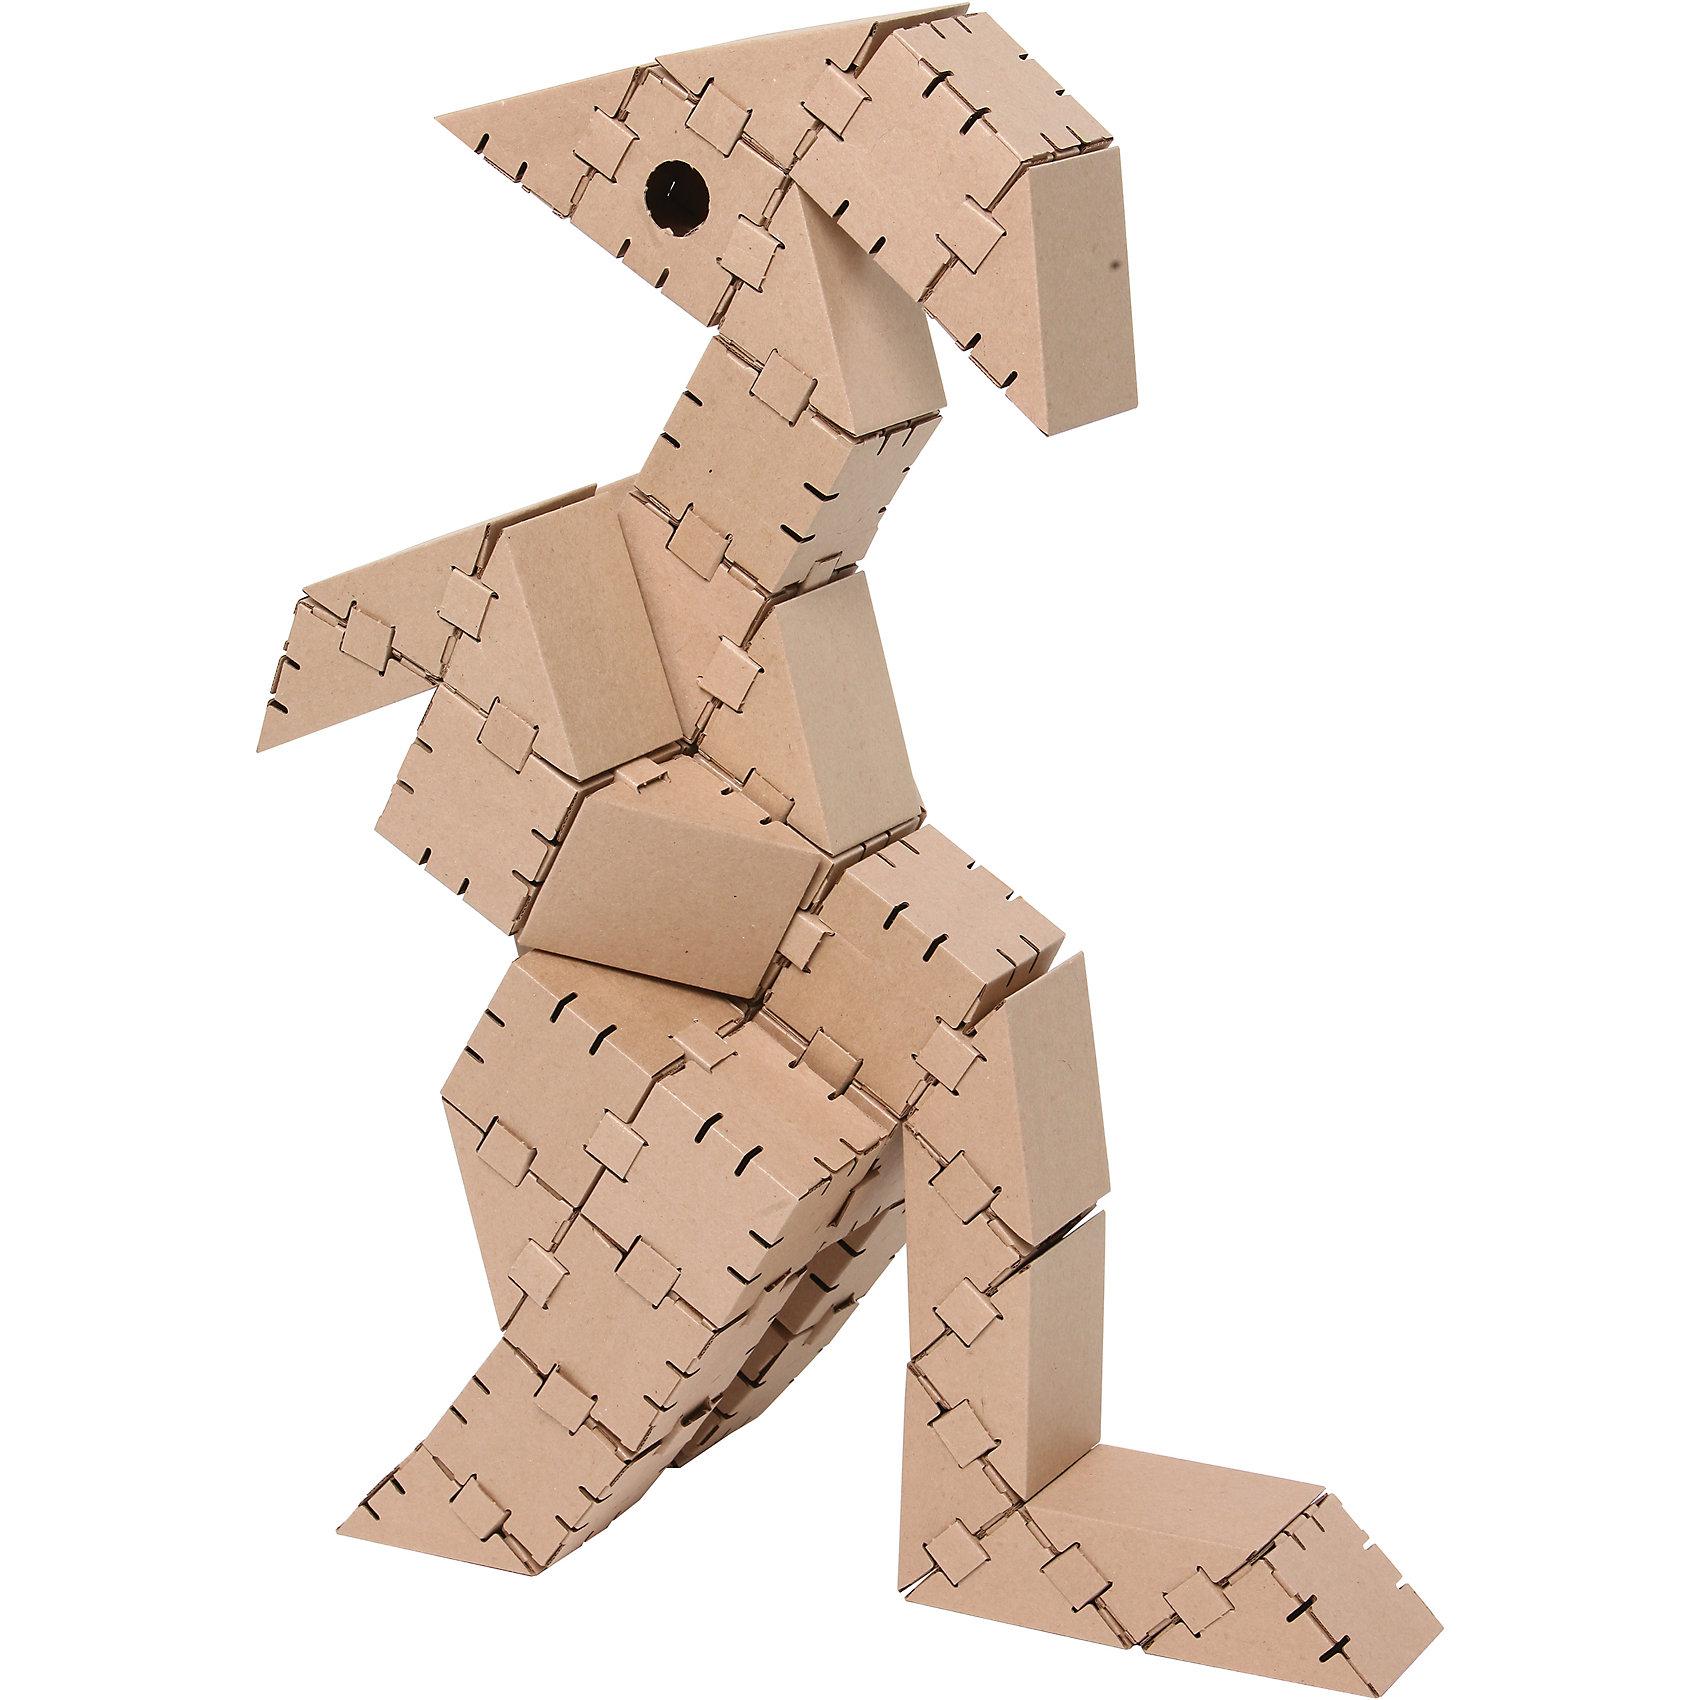 Yohocube Картонный конструктор Динозавр Игу, Yohocube